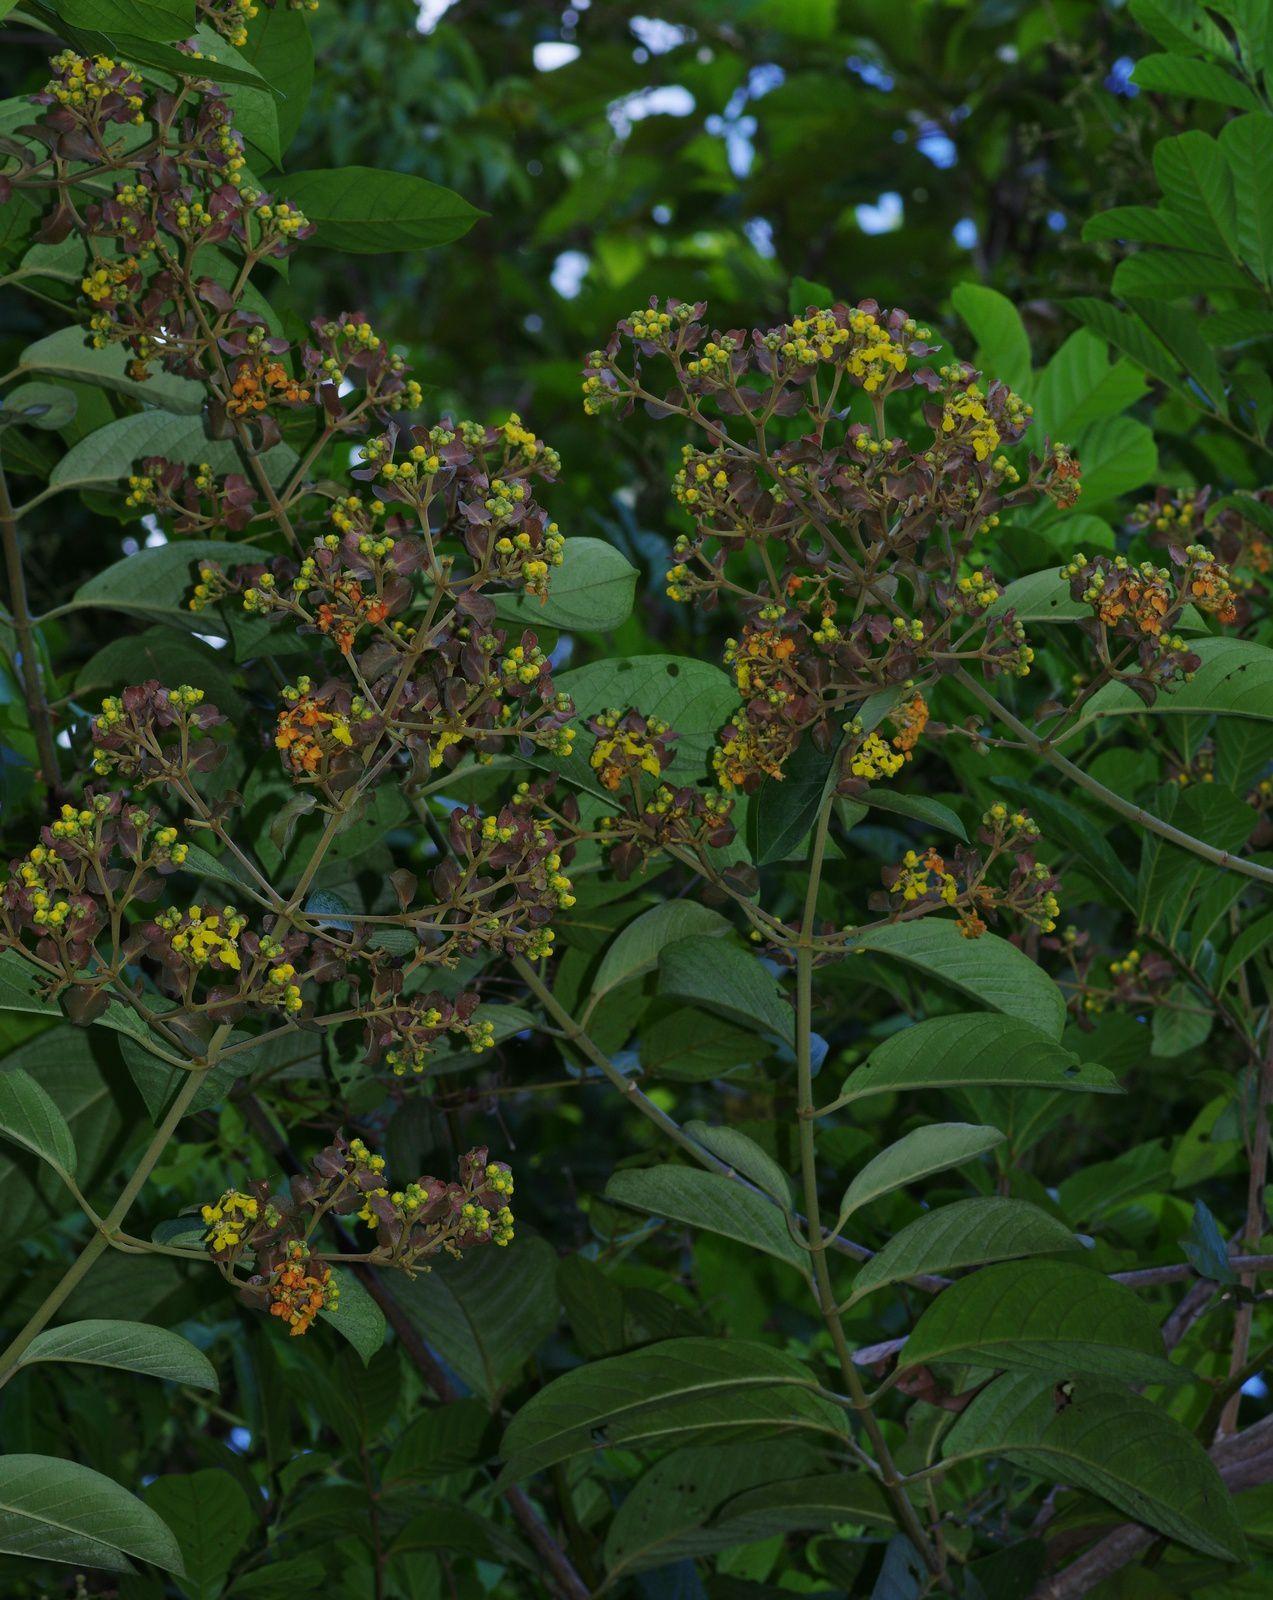 Tetrapterys calophylla